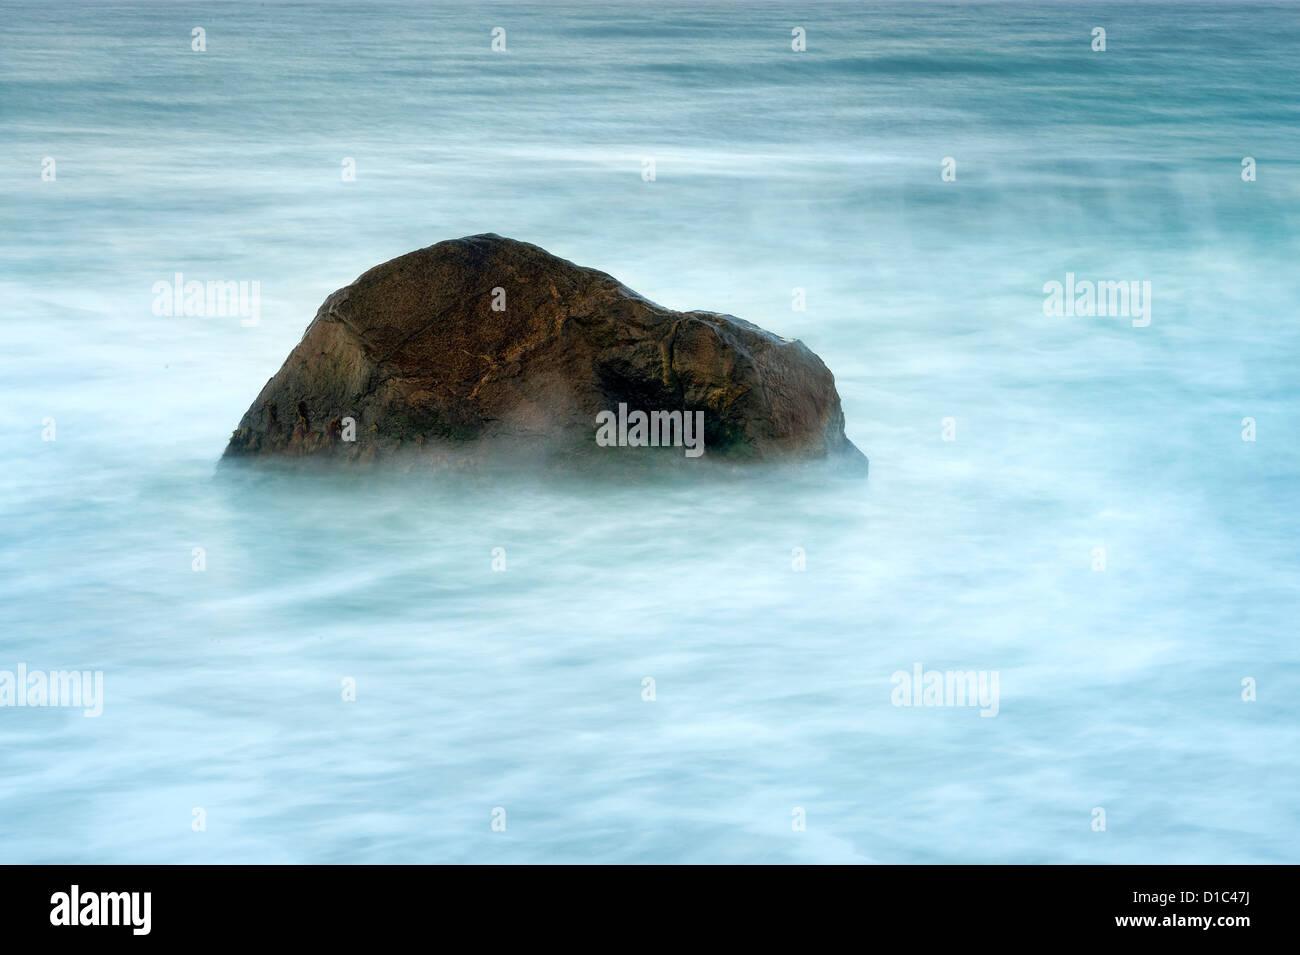 Rock con el desplazamiento de agua del océano. Imagen De Stock